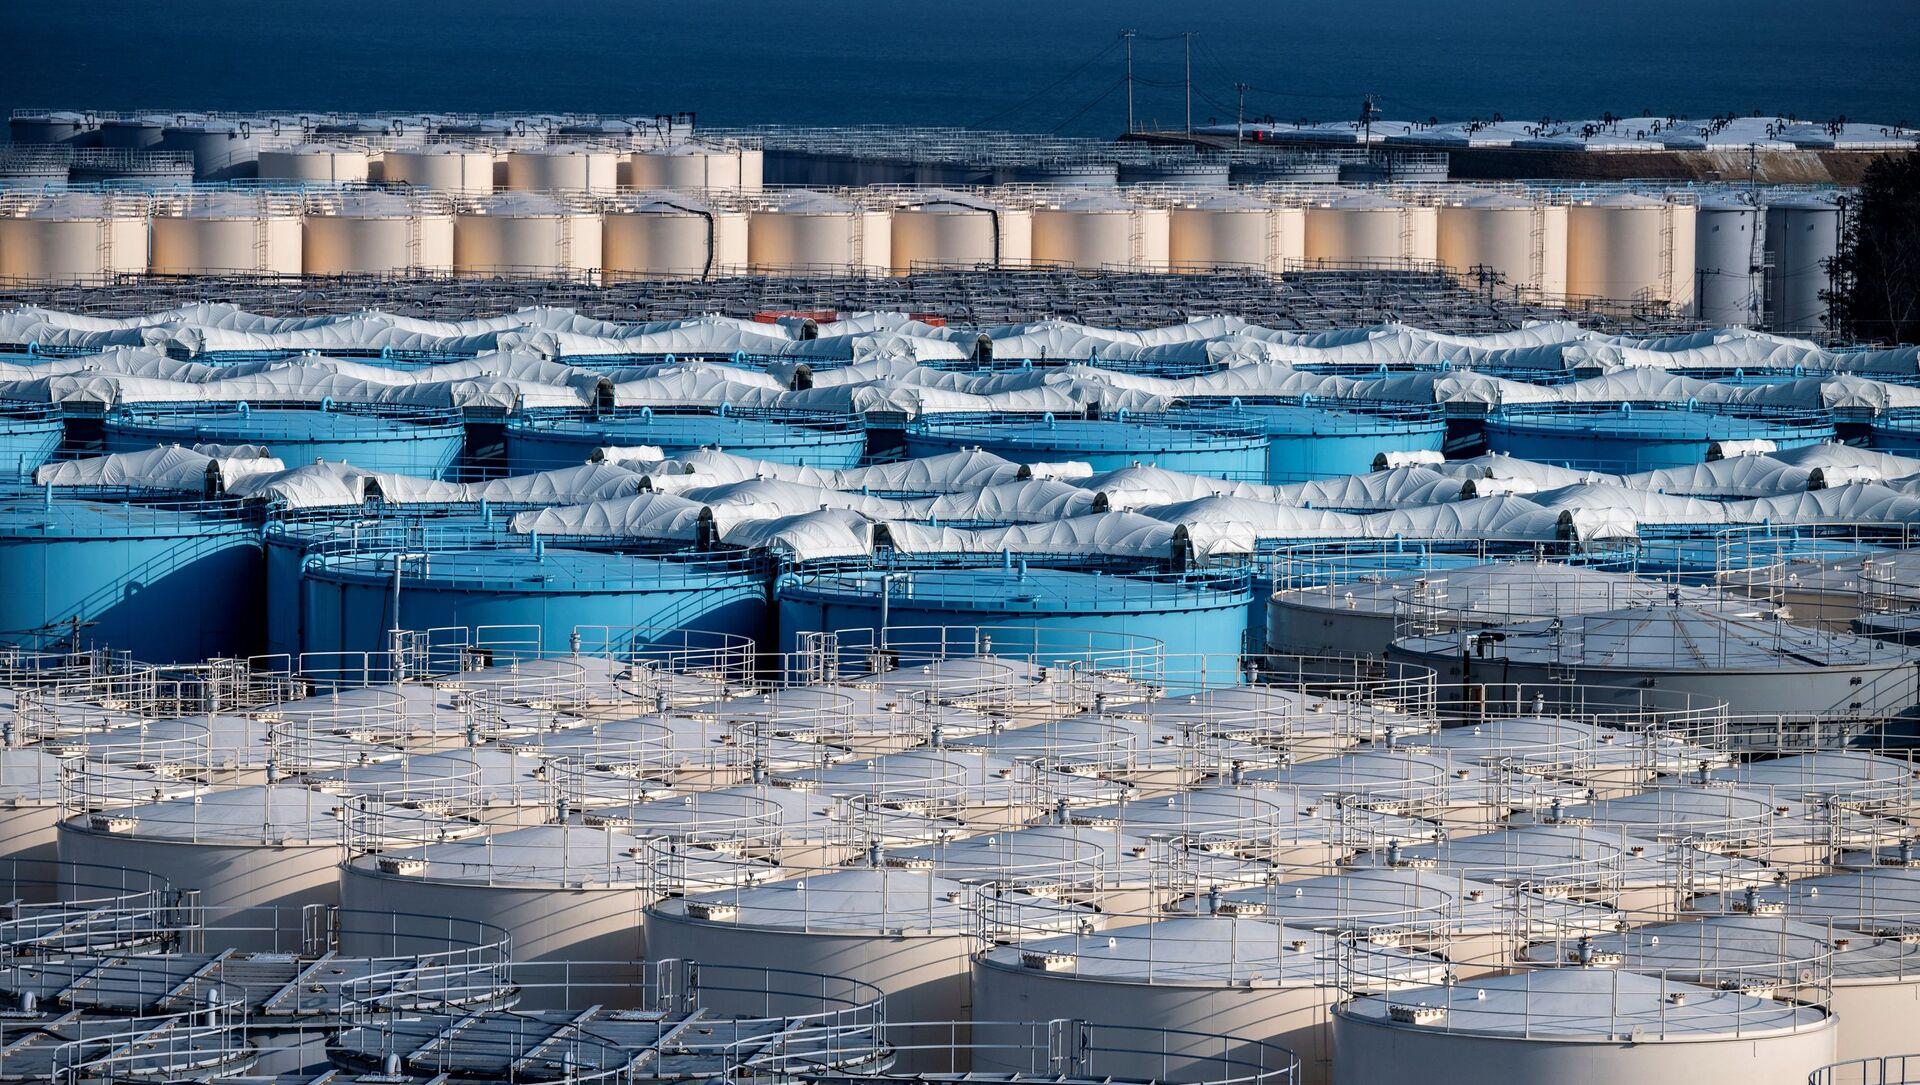 Резервуары для хранения загрязненной воды АЭС Фукусима - Sputnik Italia, 1920, 13.04.2021